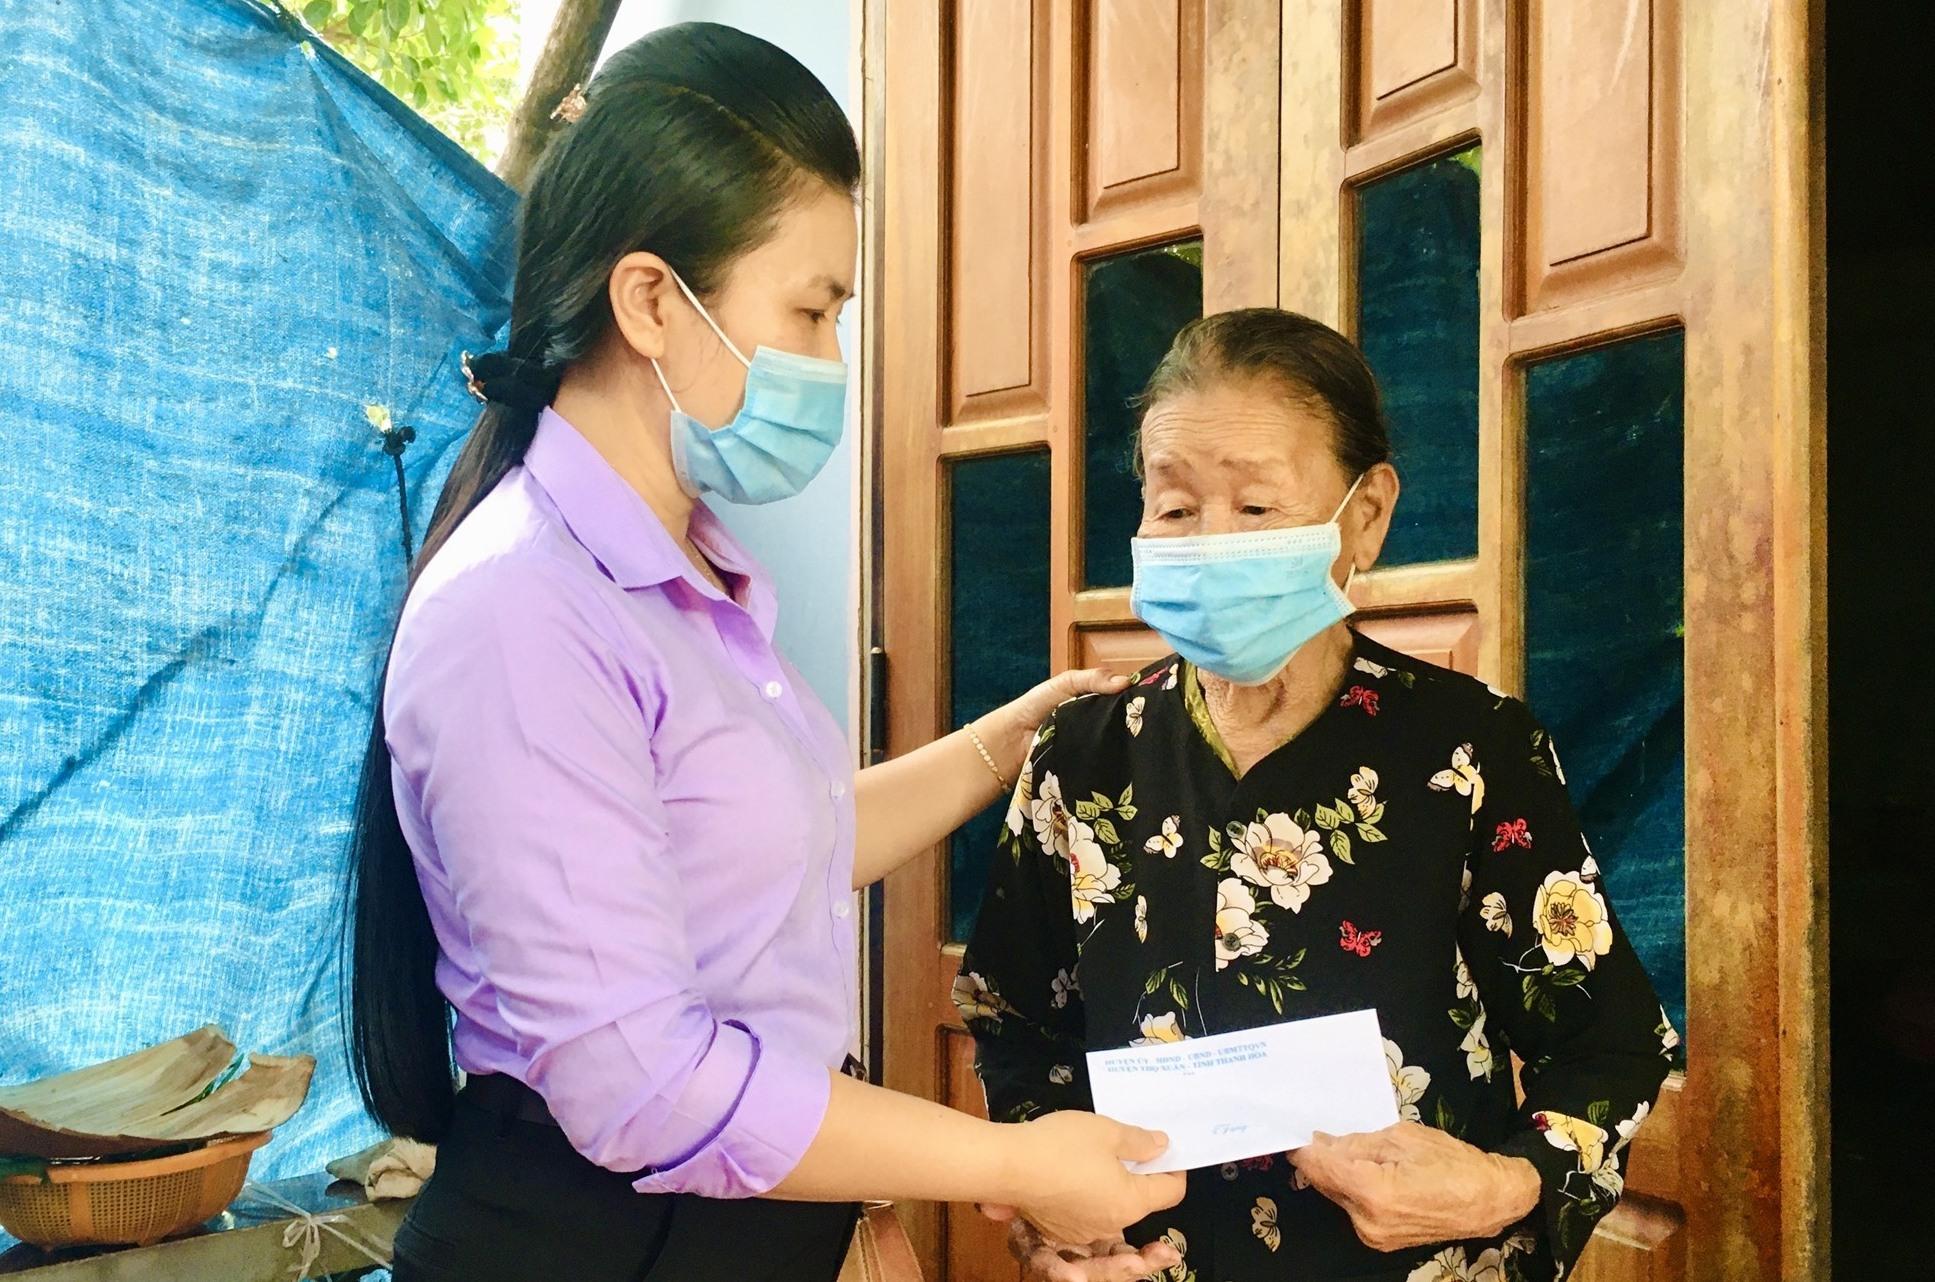 Phó Chủ tịch HĐND huyện Nông Sơn - Tào Thị Tố Điểm tặng quà gia đình chính sách, người có công cách mạng tại xã Phước Ninh. Ảnh: TÂM LÊ